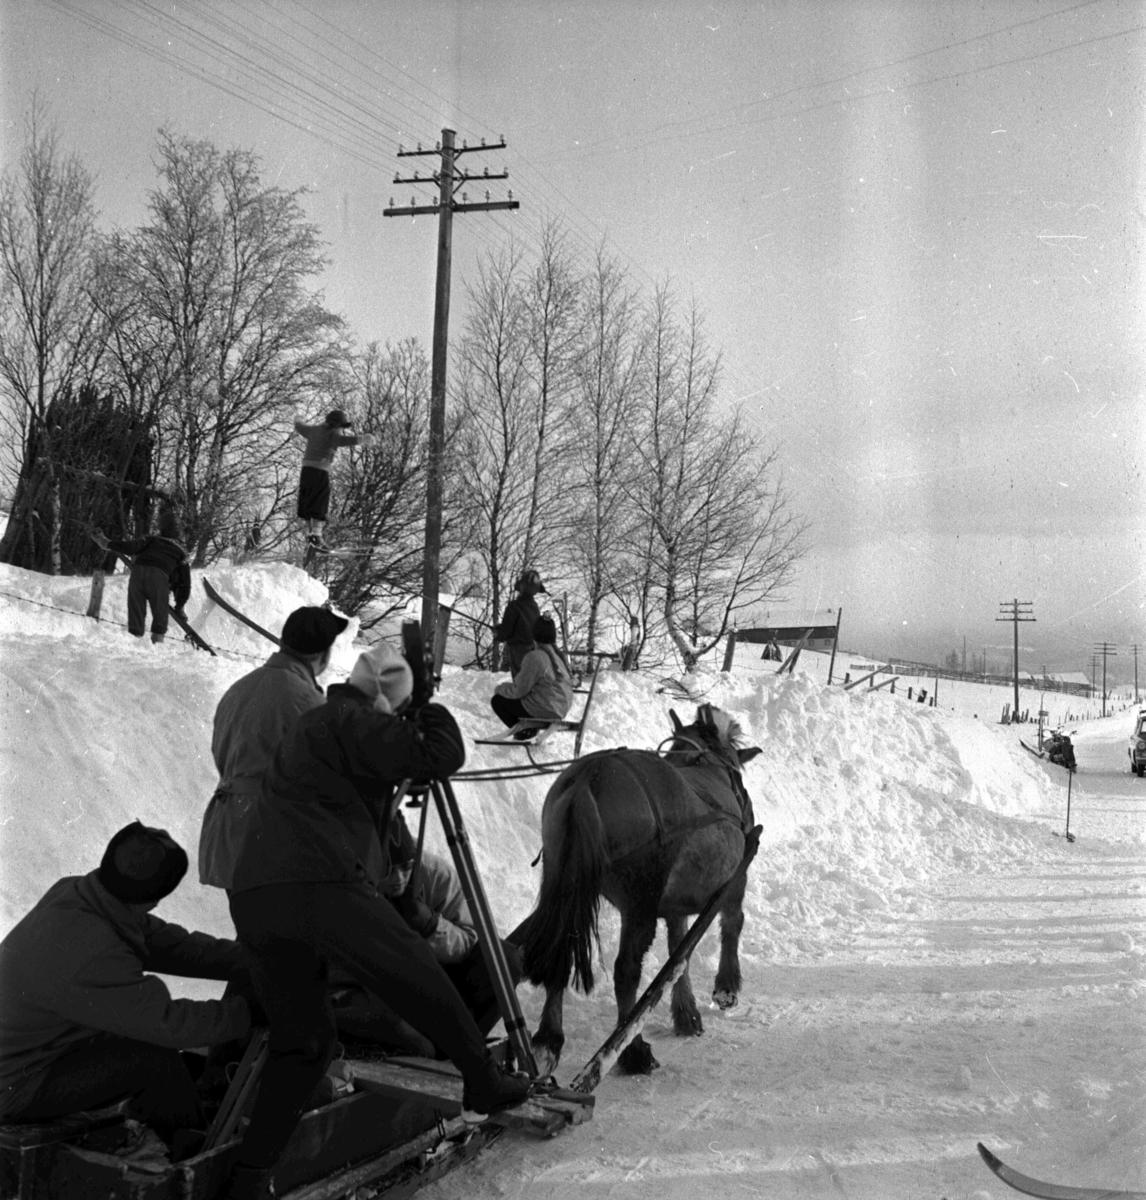 Vingelen filminnspilling av freske fraspark, skihopping, barn, hest, kamera, vinter